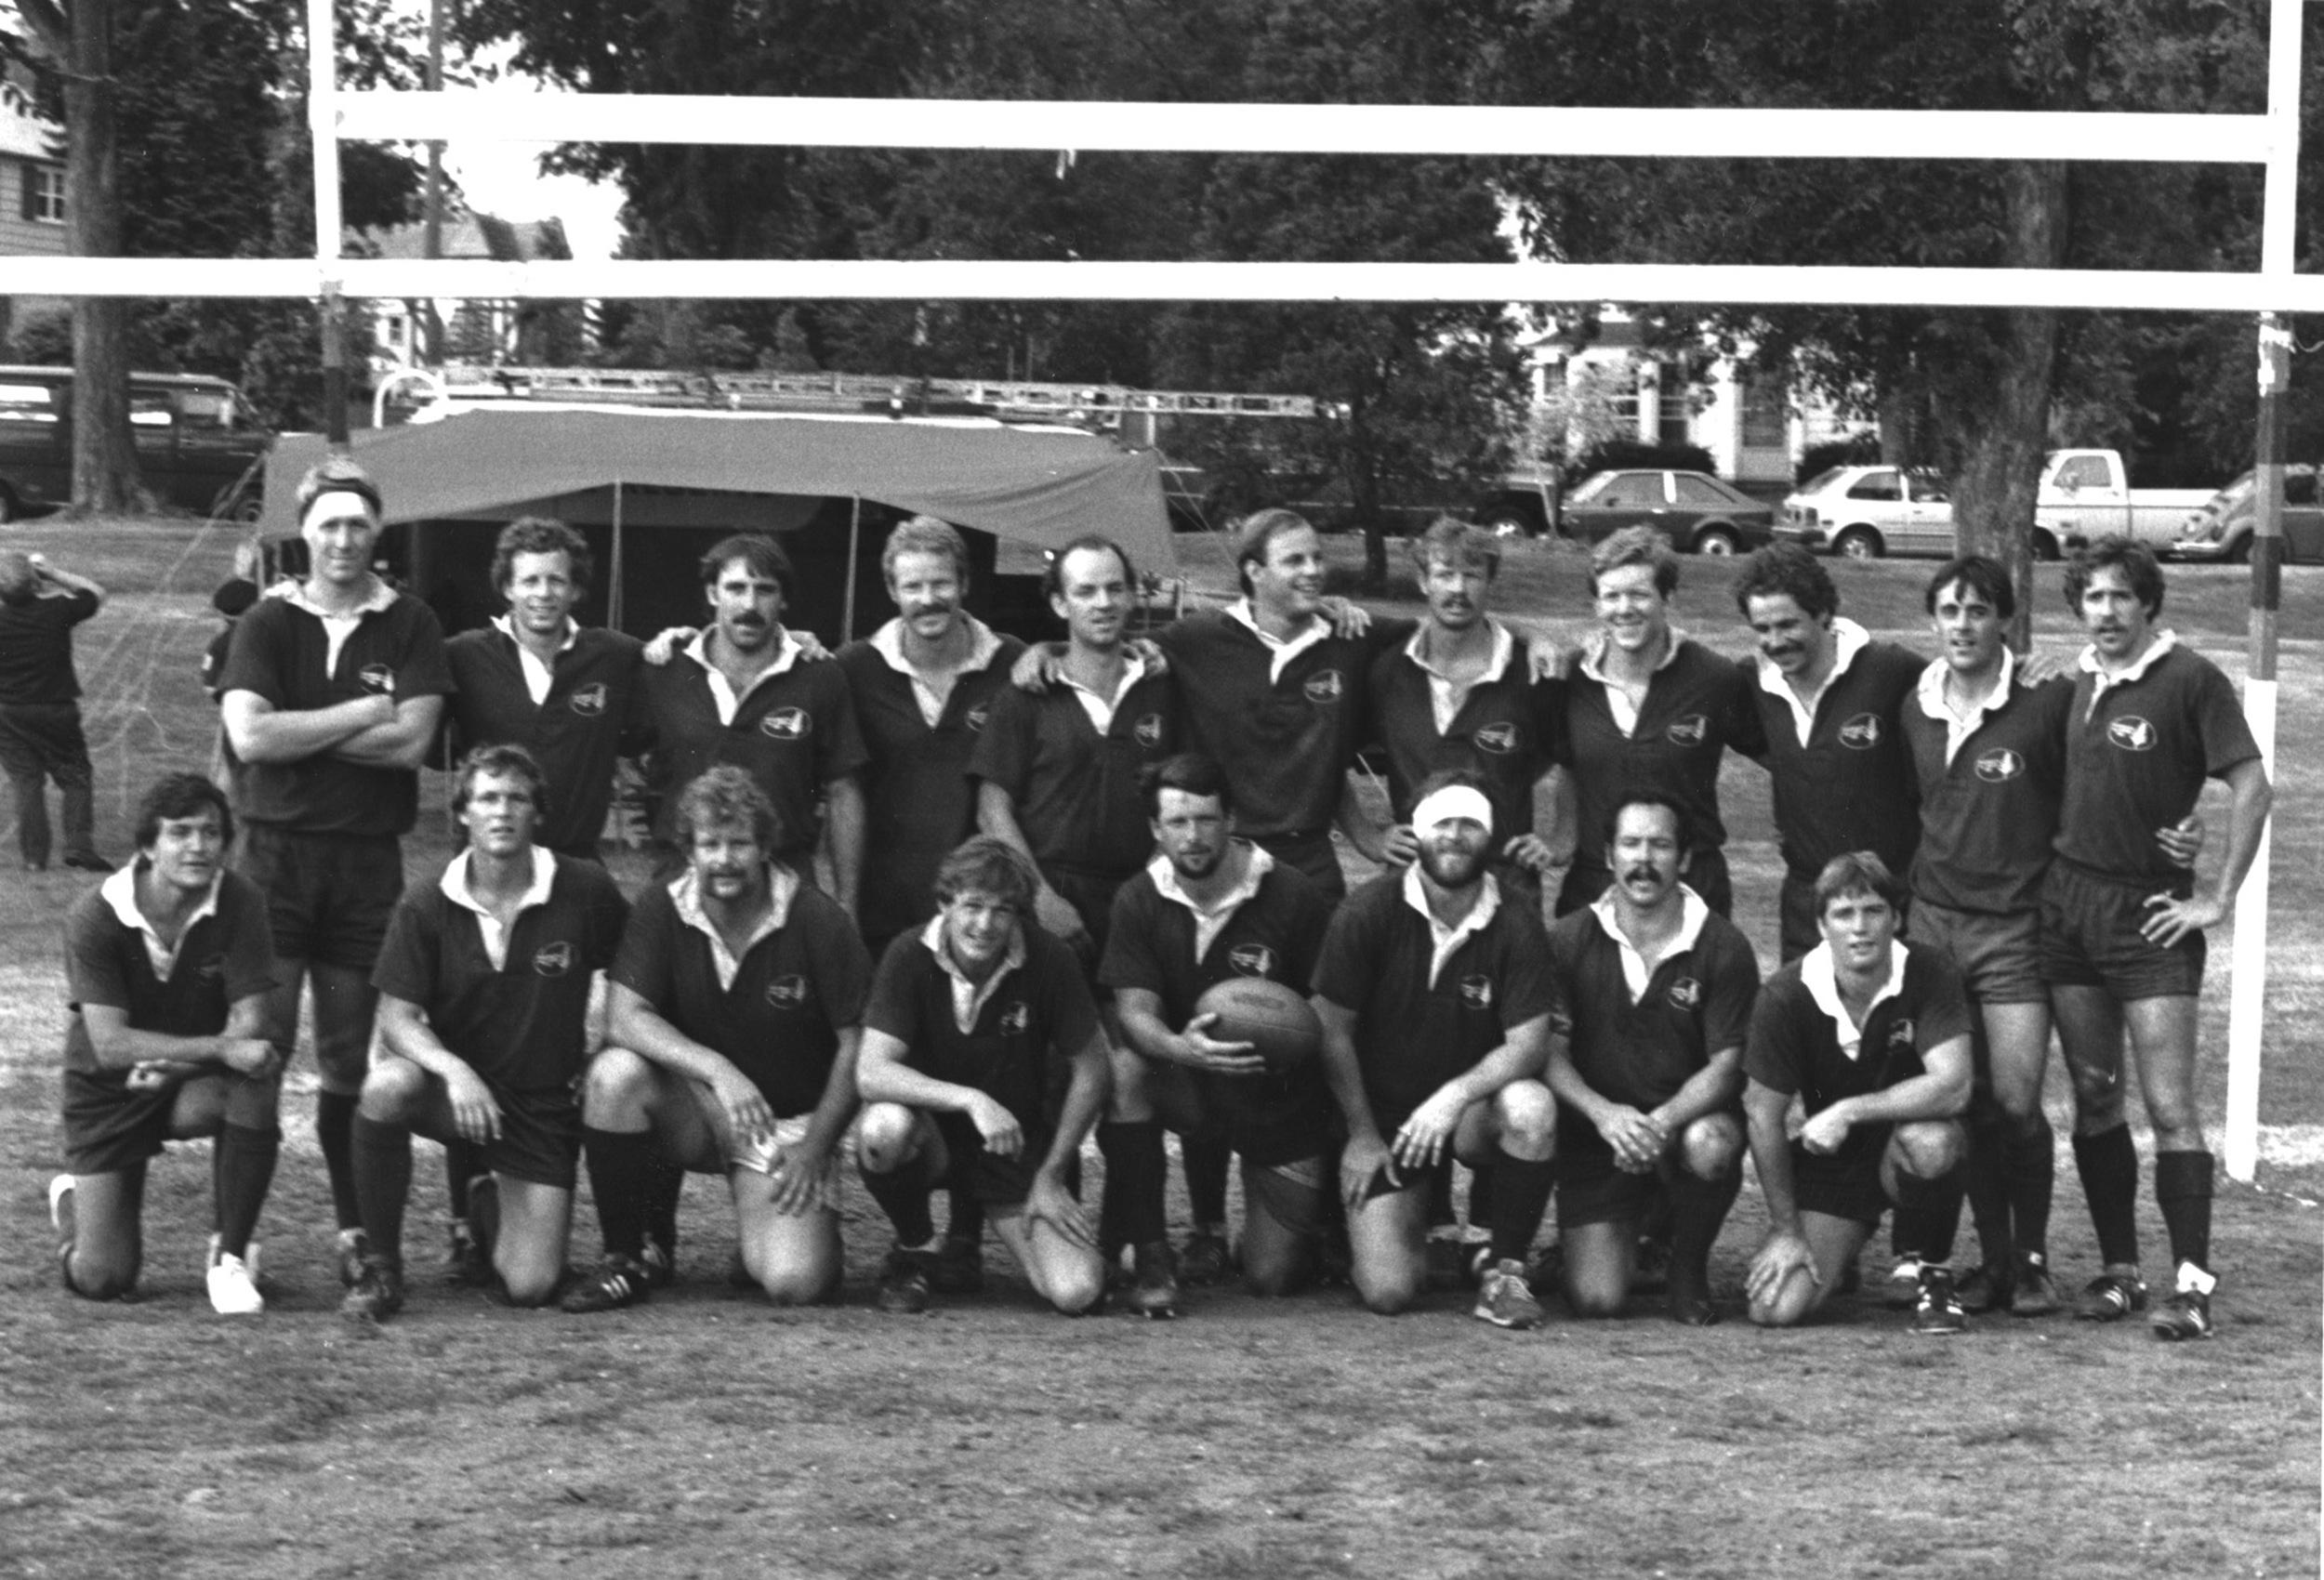 1982 DAM team photo_alumni?_RugbyII_4.jpg